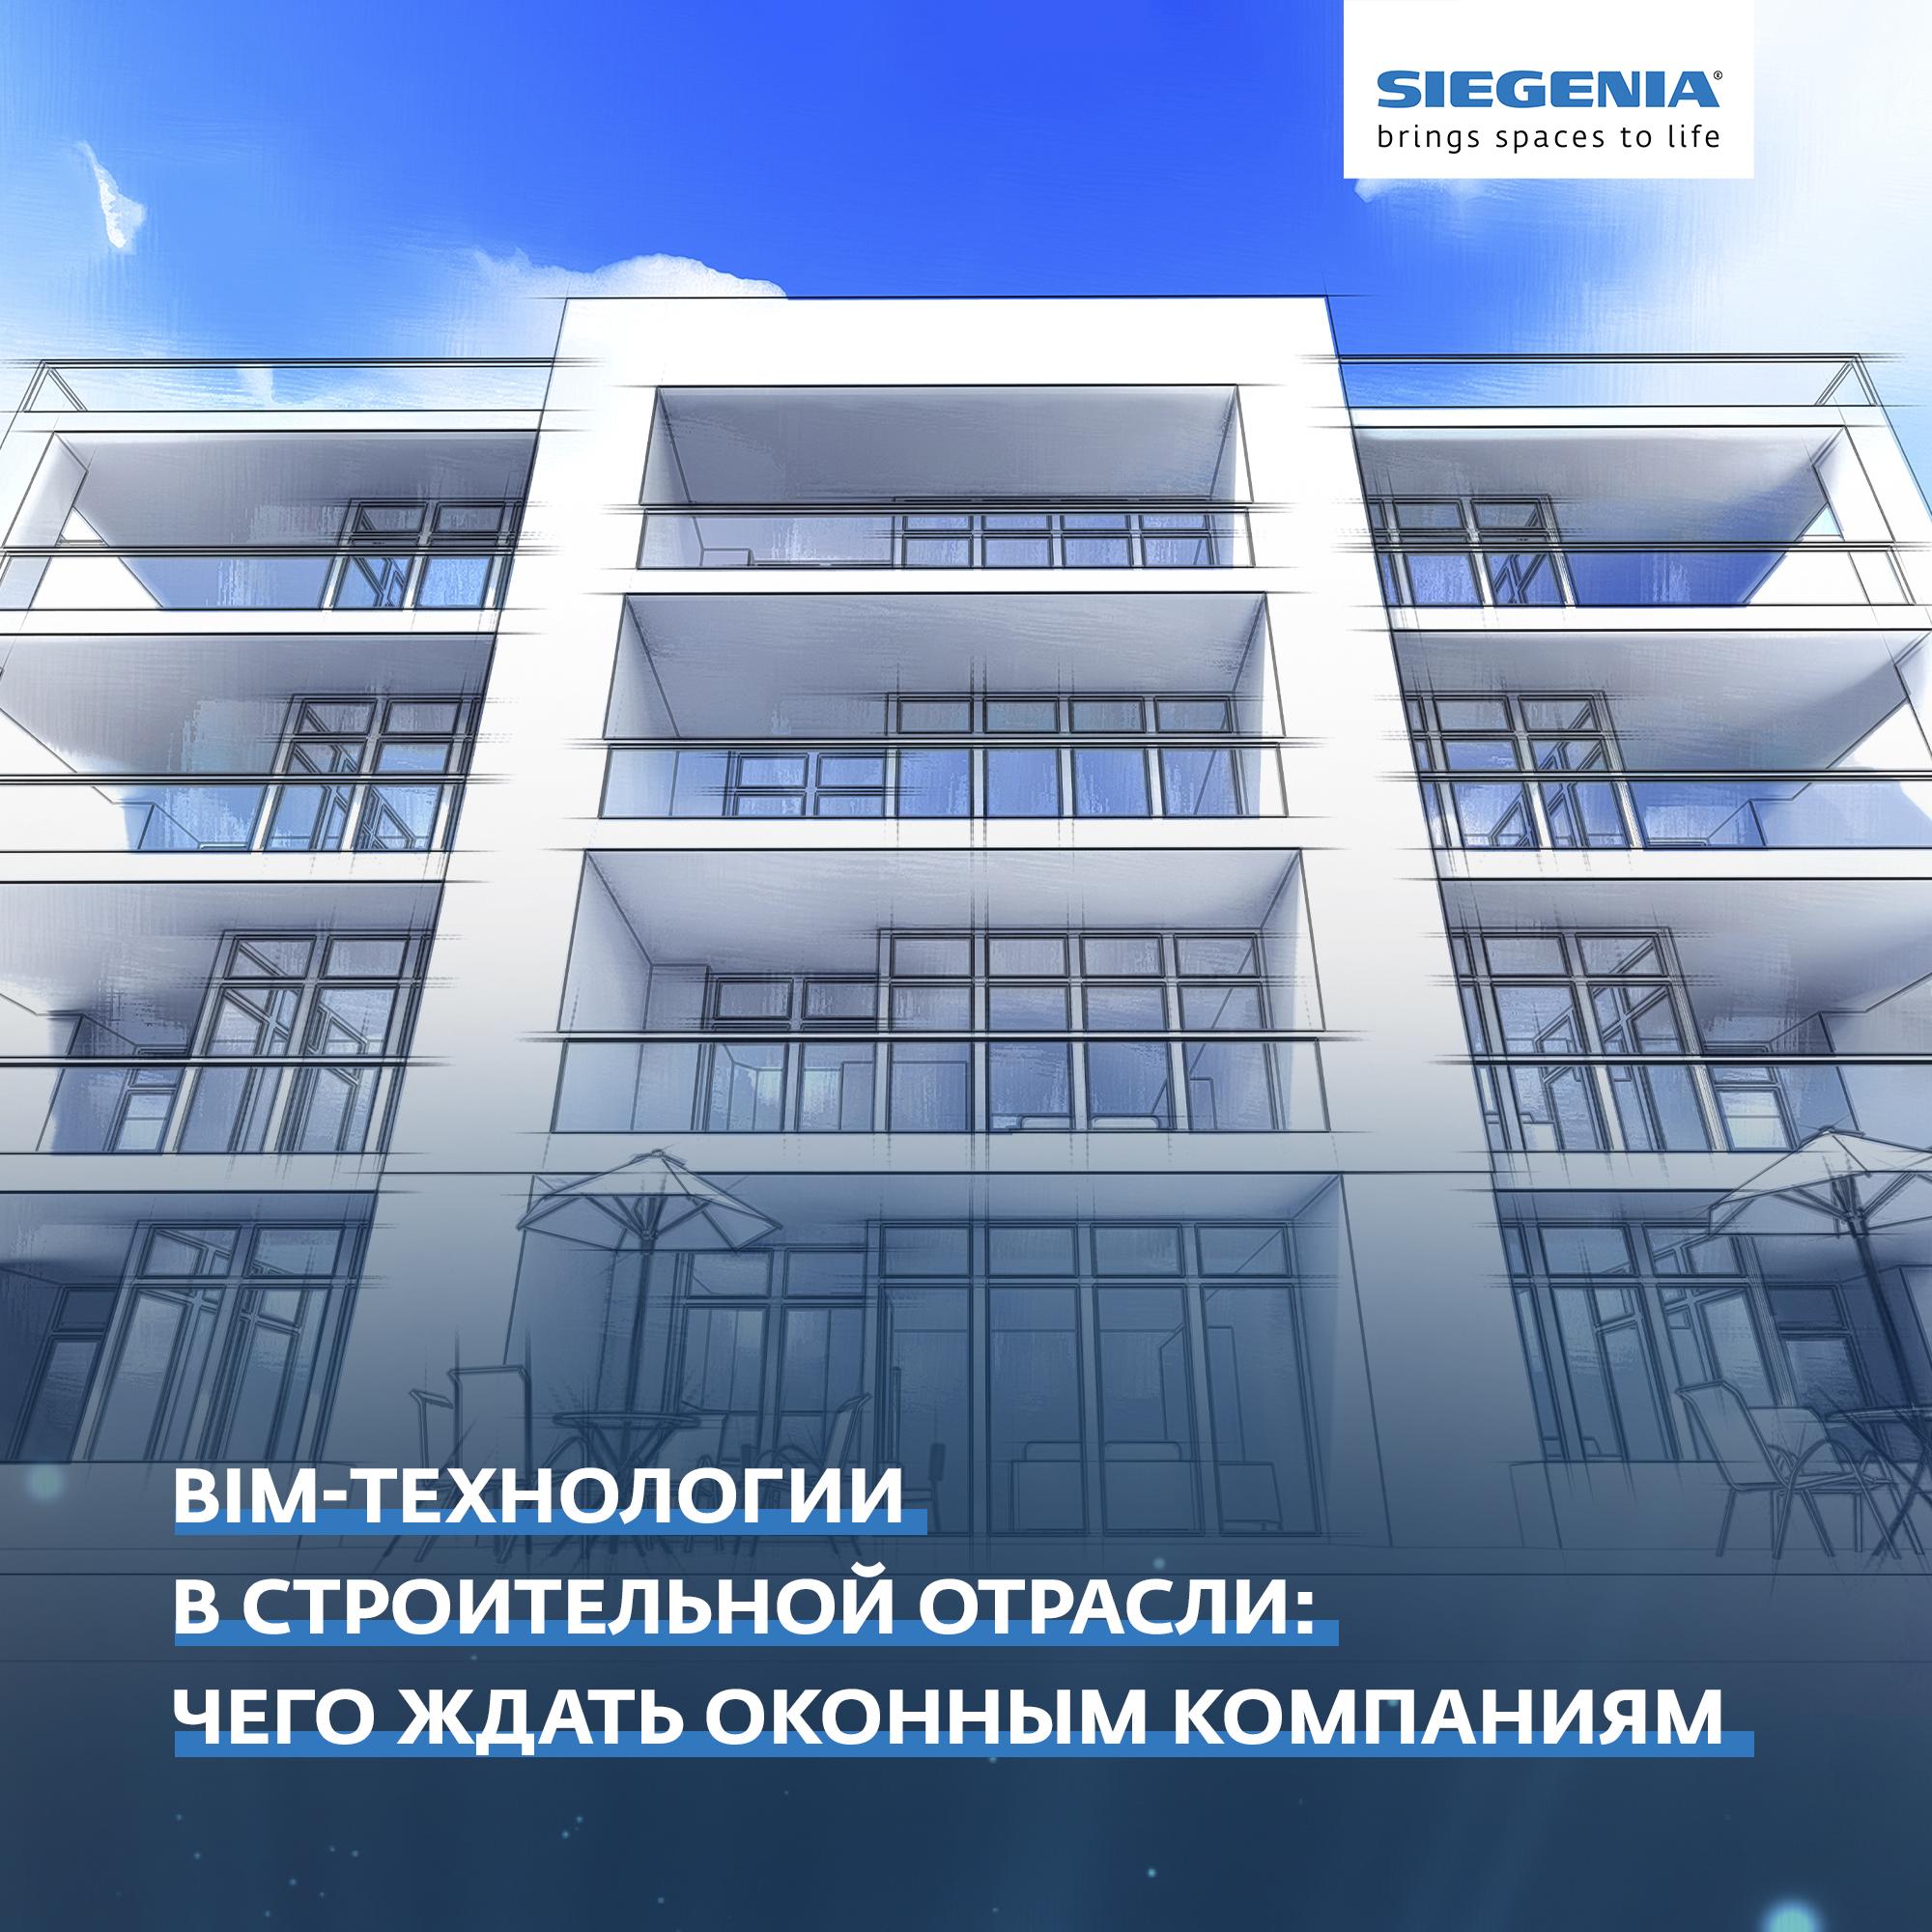 bim-tekhnologii-v-stroitelnoj-otrasli-chego-zhdat-okonnym-kompaniyam